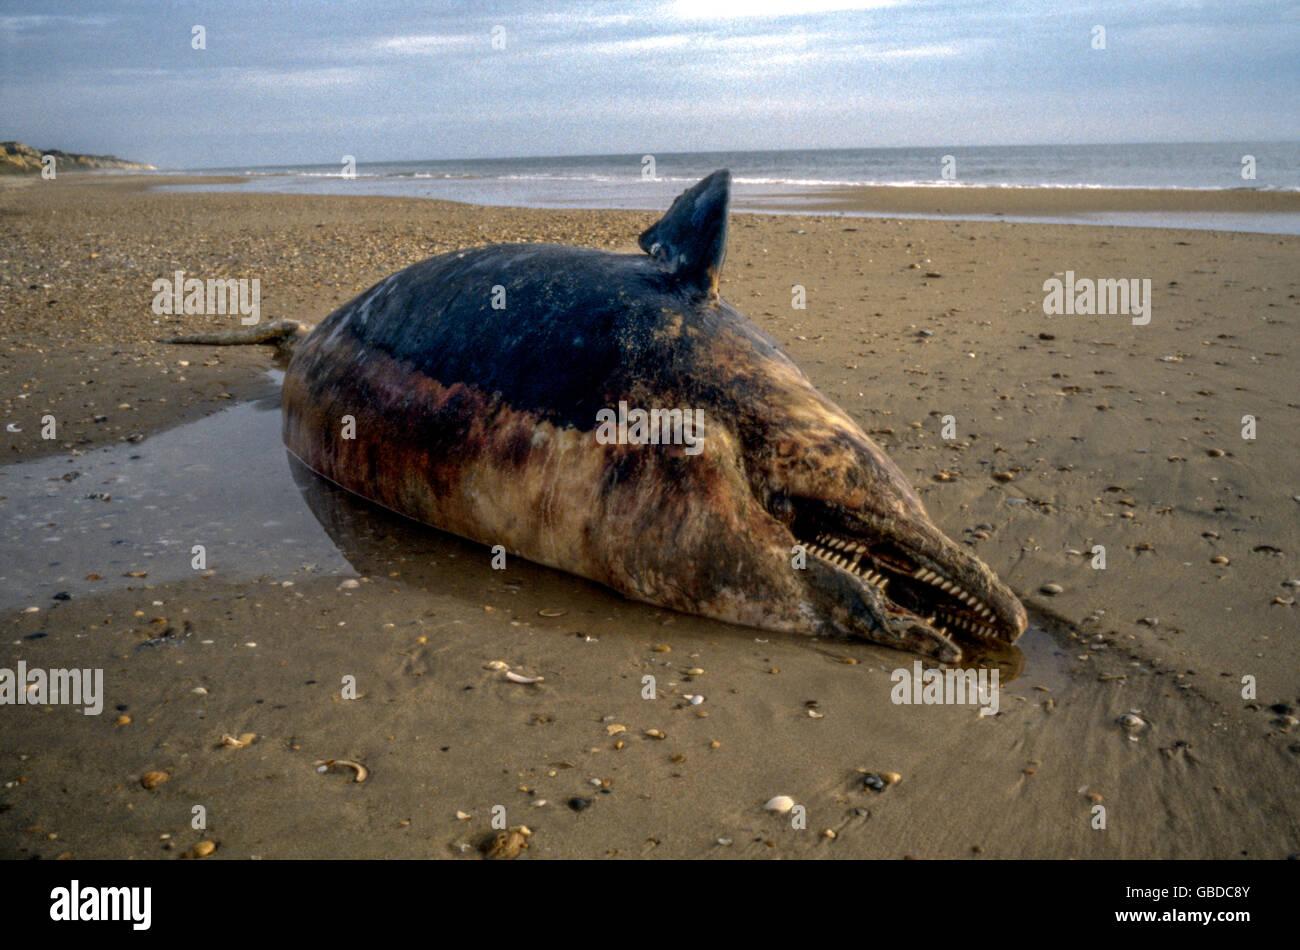 El cuerpo de un cadáver de Cetáceo de ballena muerta en la playa de cuesta de Maneli, Costa de la Luz, Andalucía, España playa Foto de stock